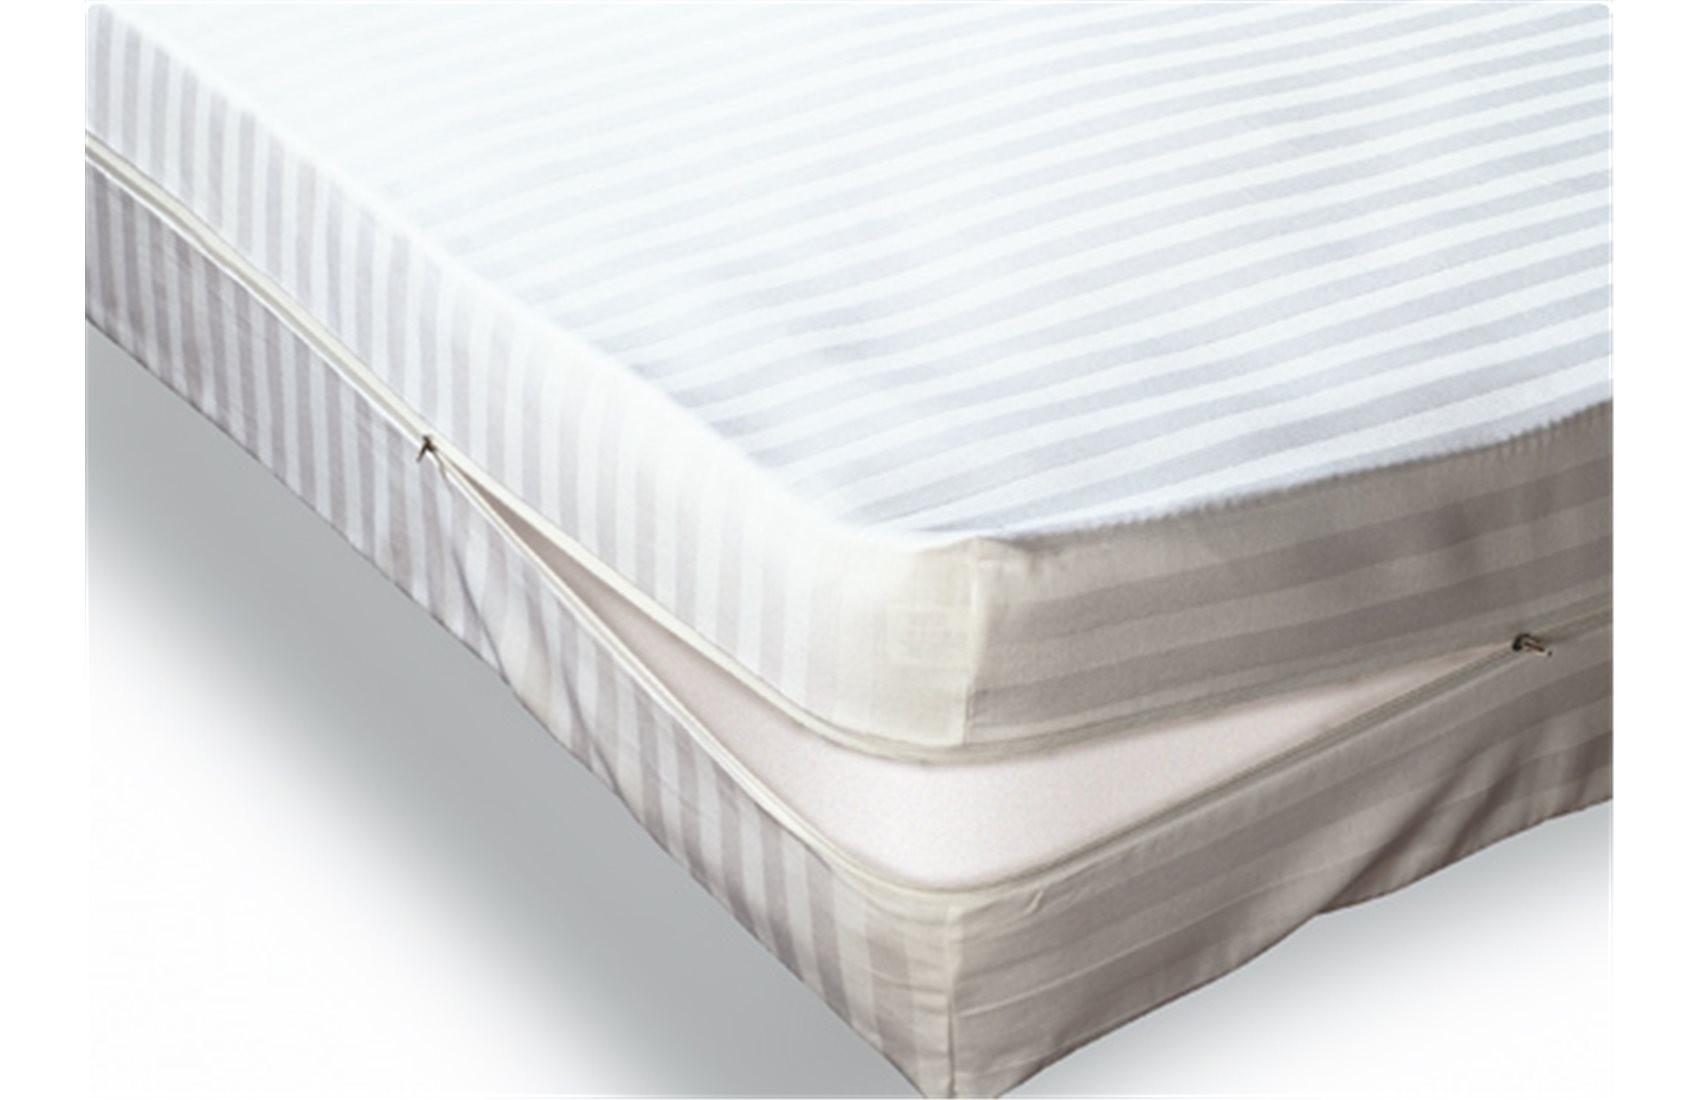 Funda-colchón-cuty-raso-listado-cremallera-blanca-universal-blanco